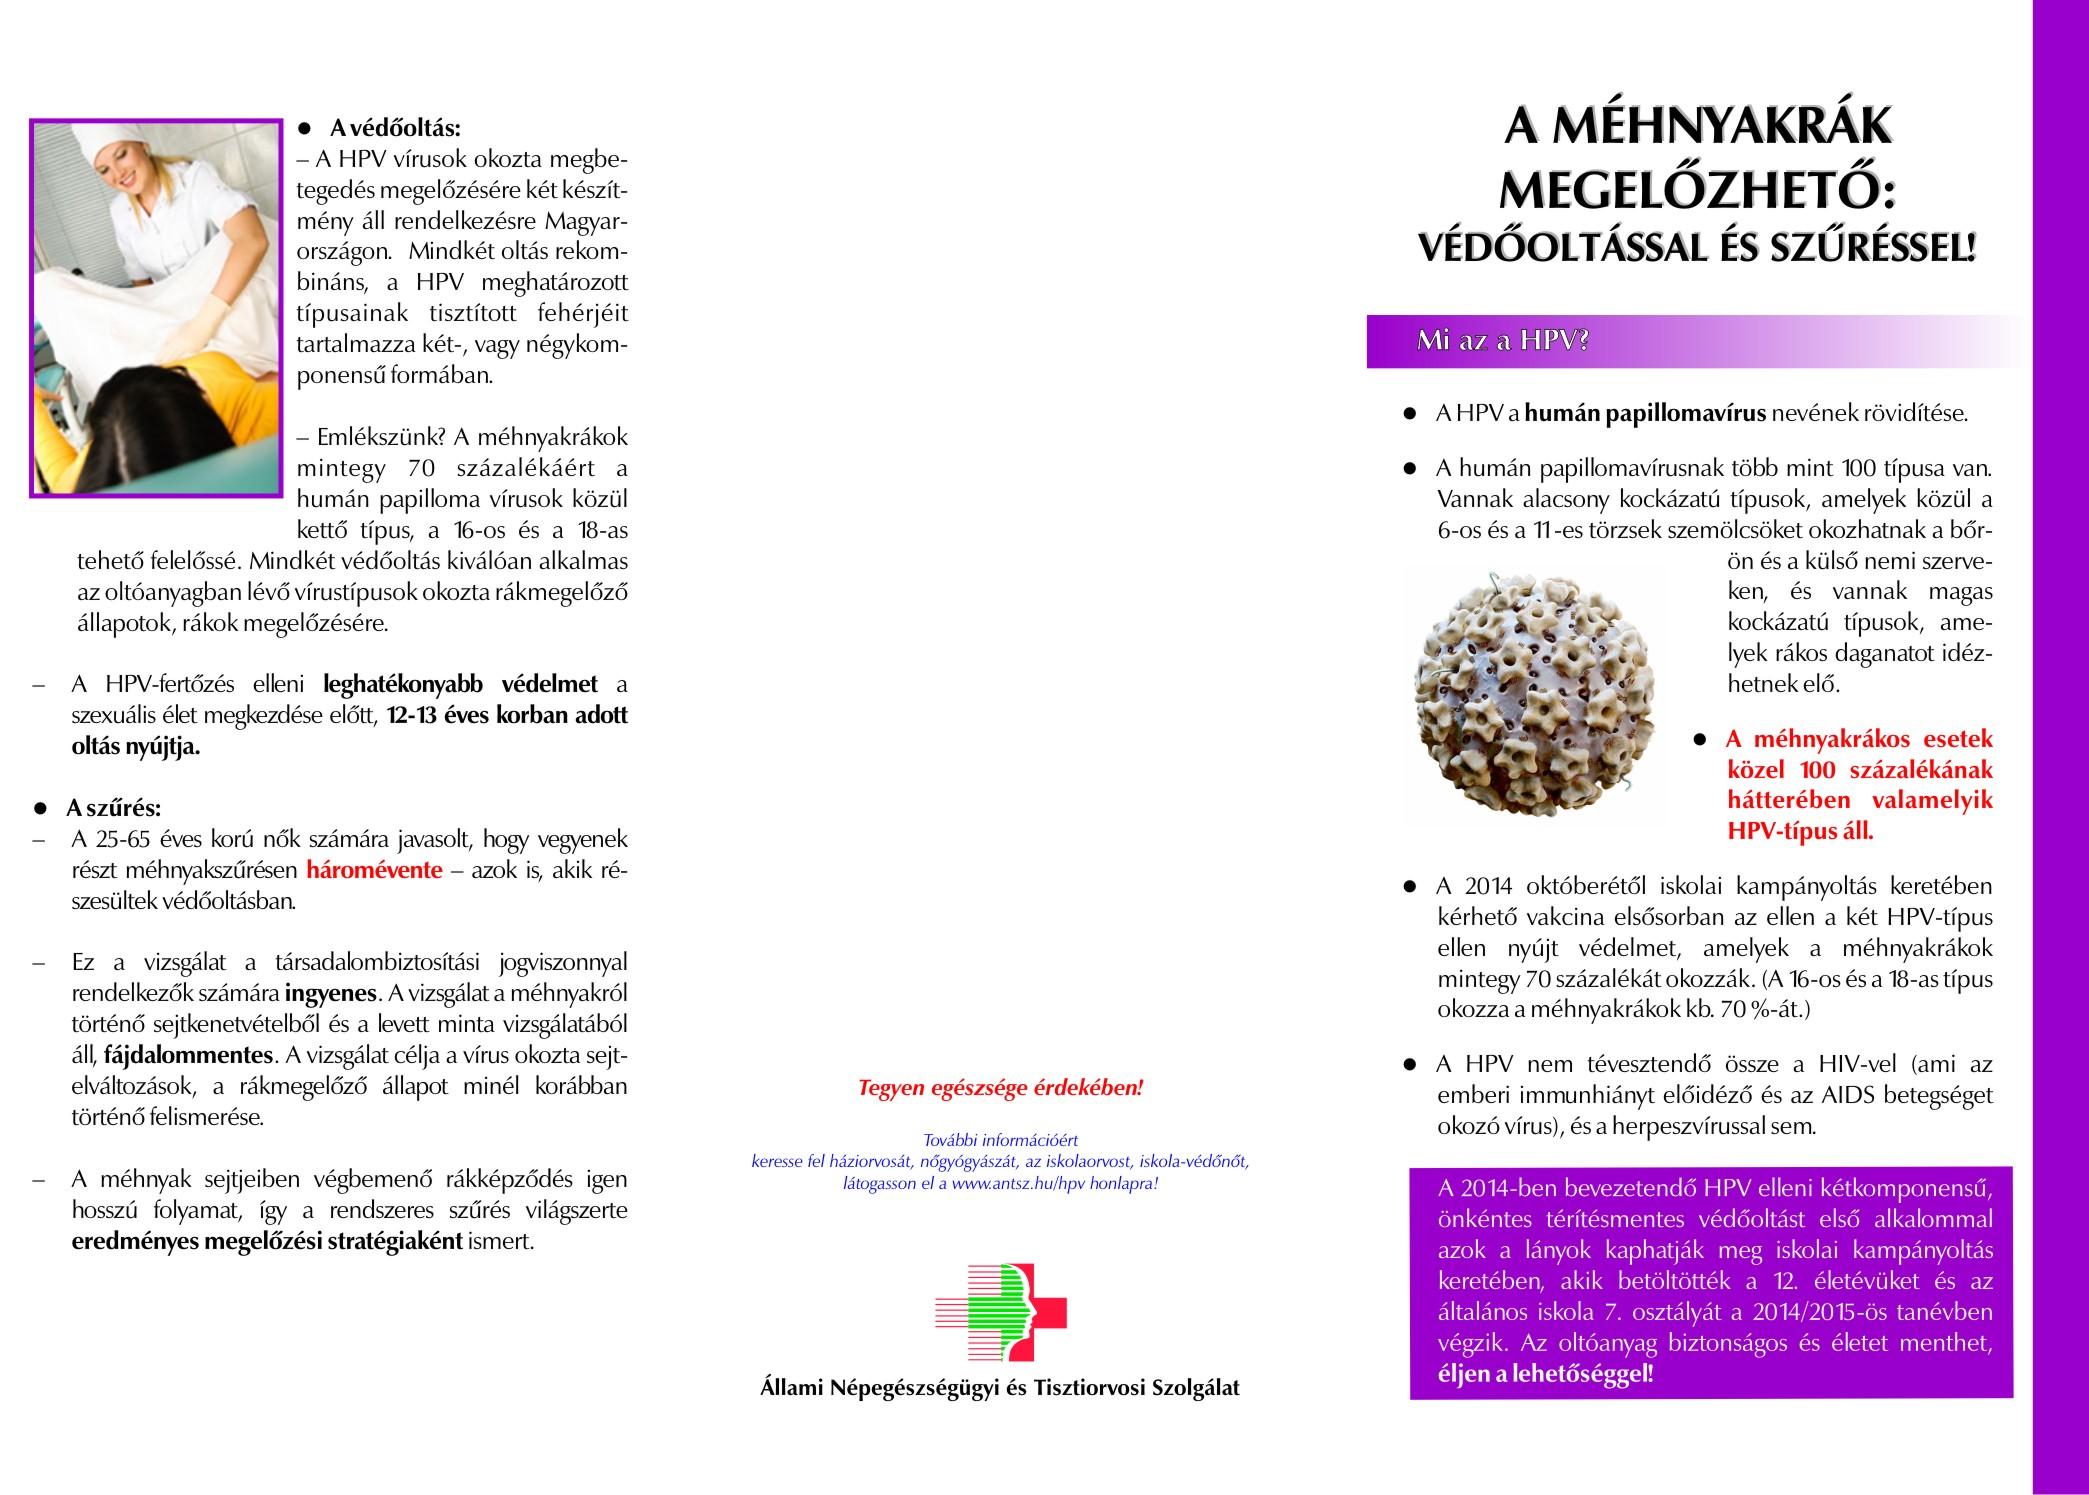 Papillomavírus elleni oltást kell végezni